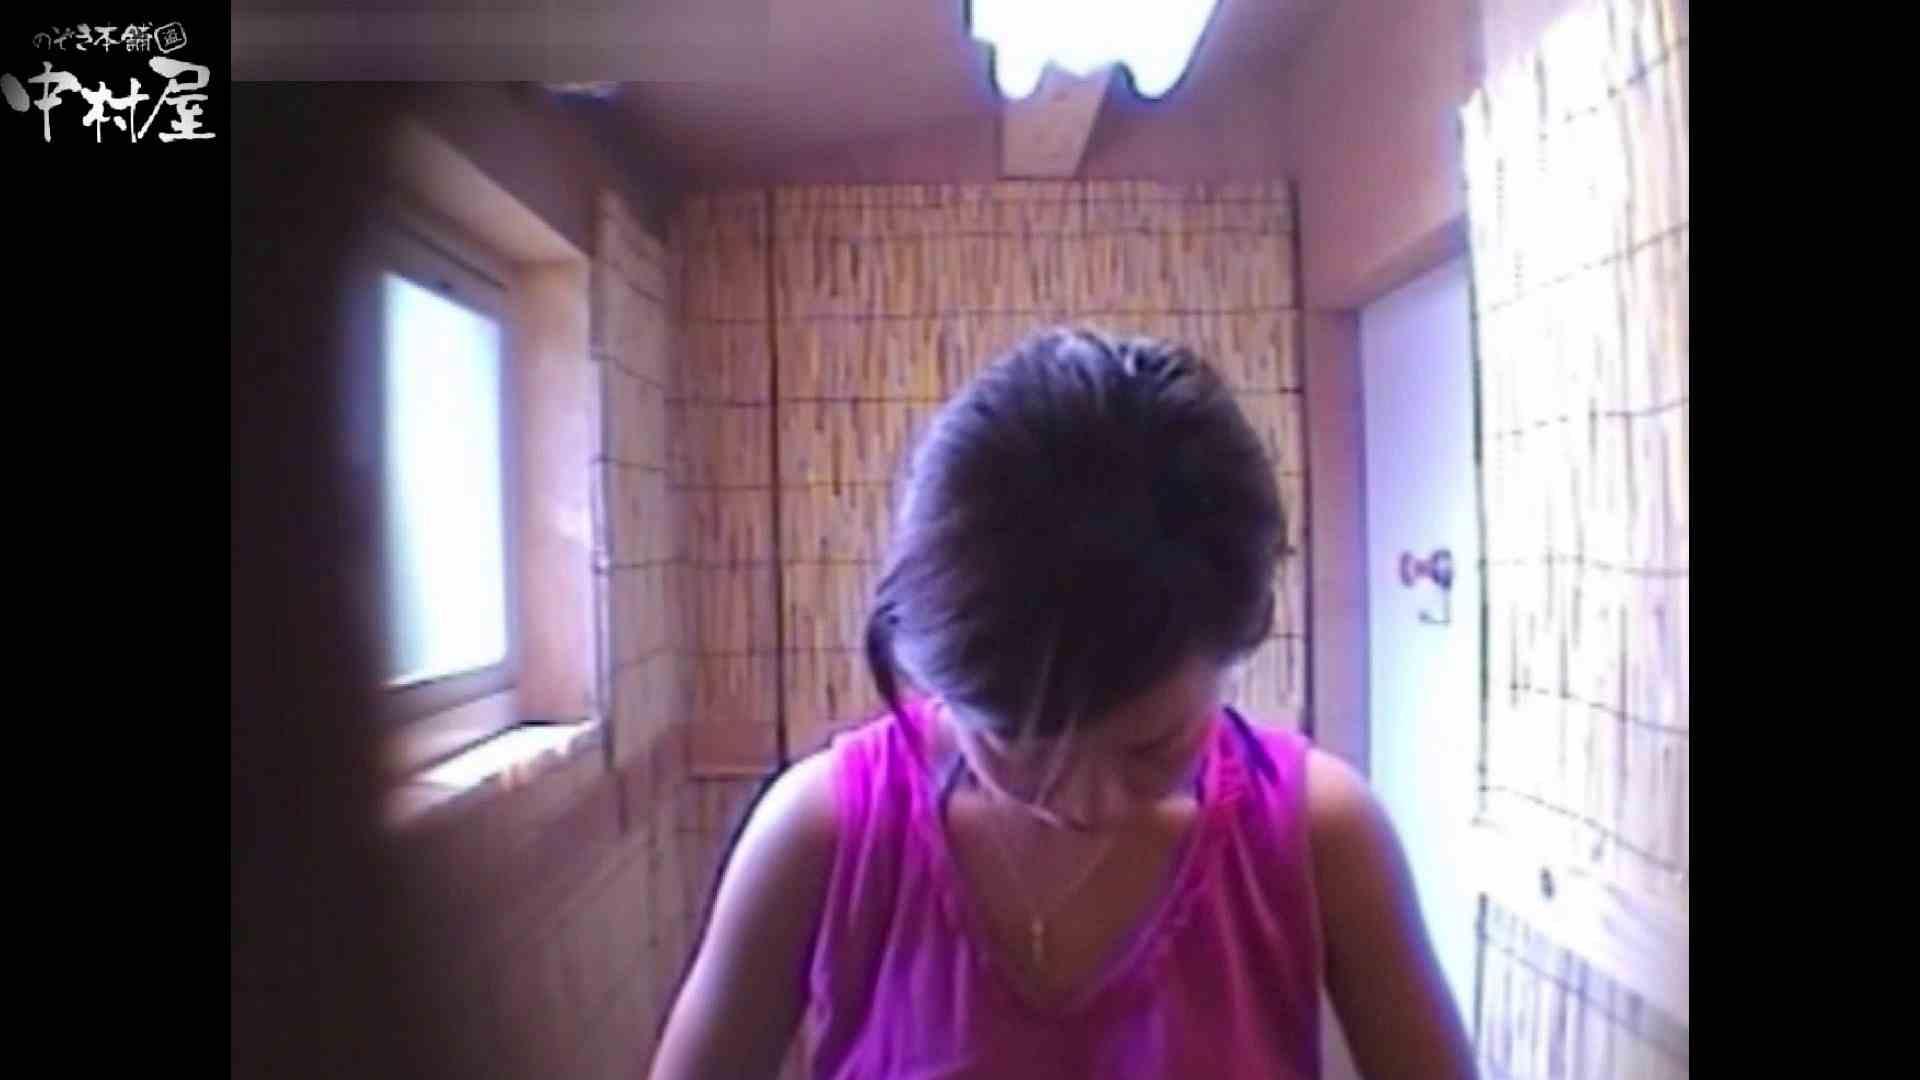 解禁!海の家4カメ洗面所vol.73 美しいOLの裸体 アダルト動画キャプチャ 107pic 2